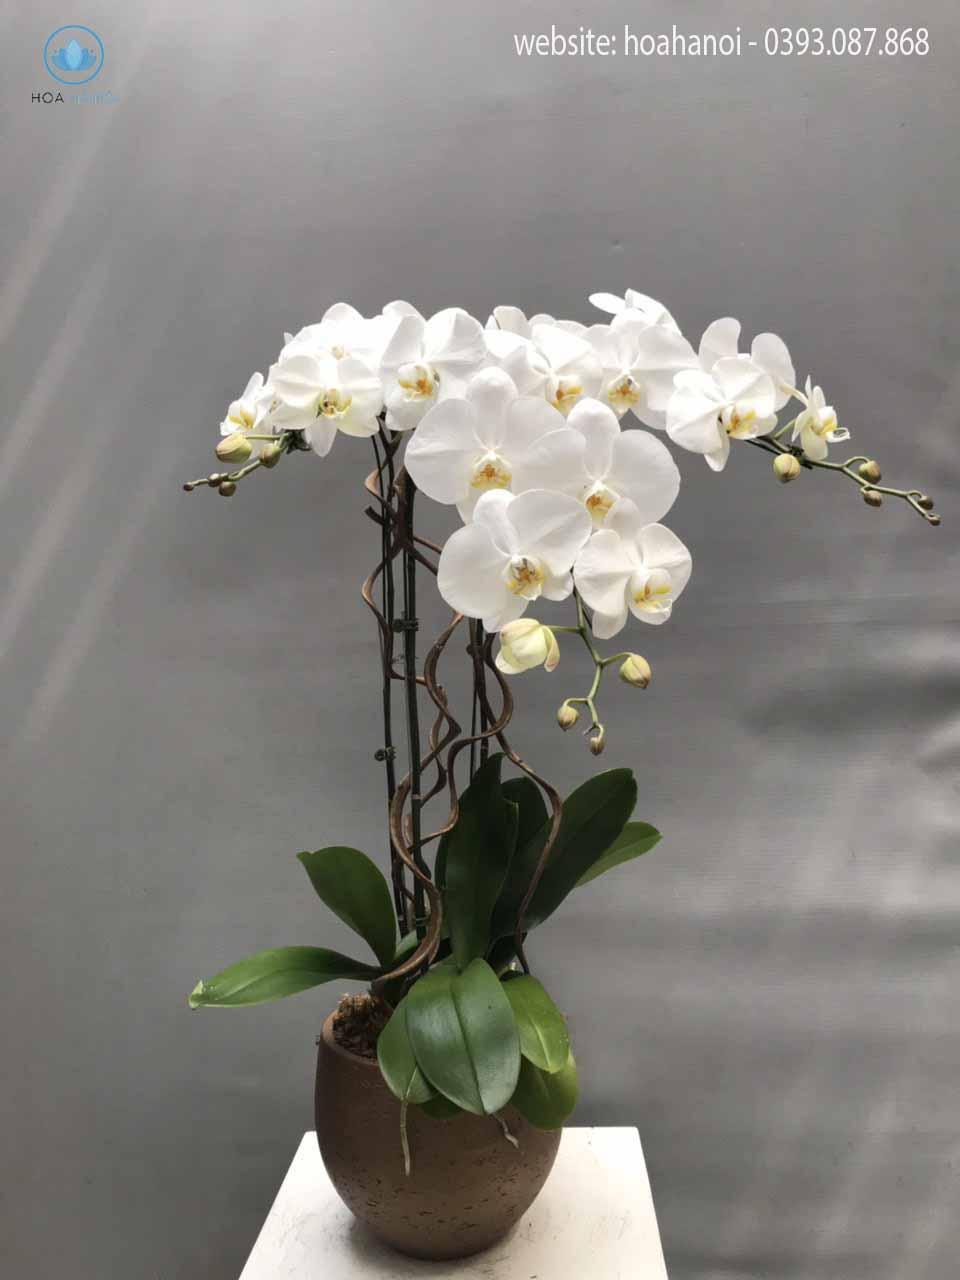 Một số mẫu hoa lan hồ điệp của điện hoaNga's Flower 2